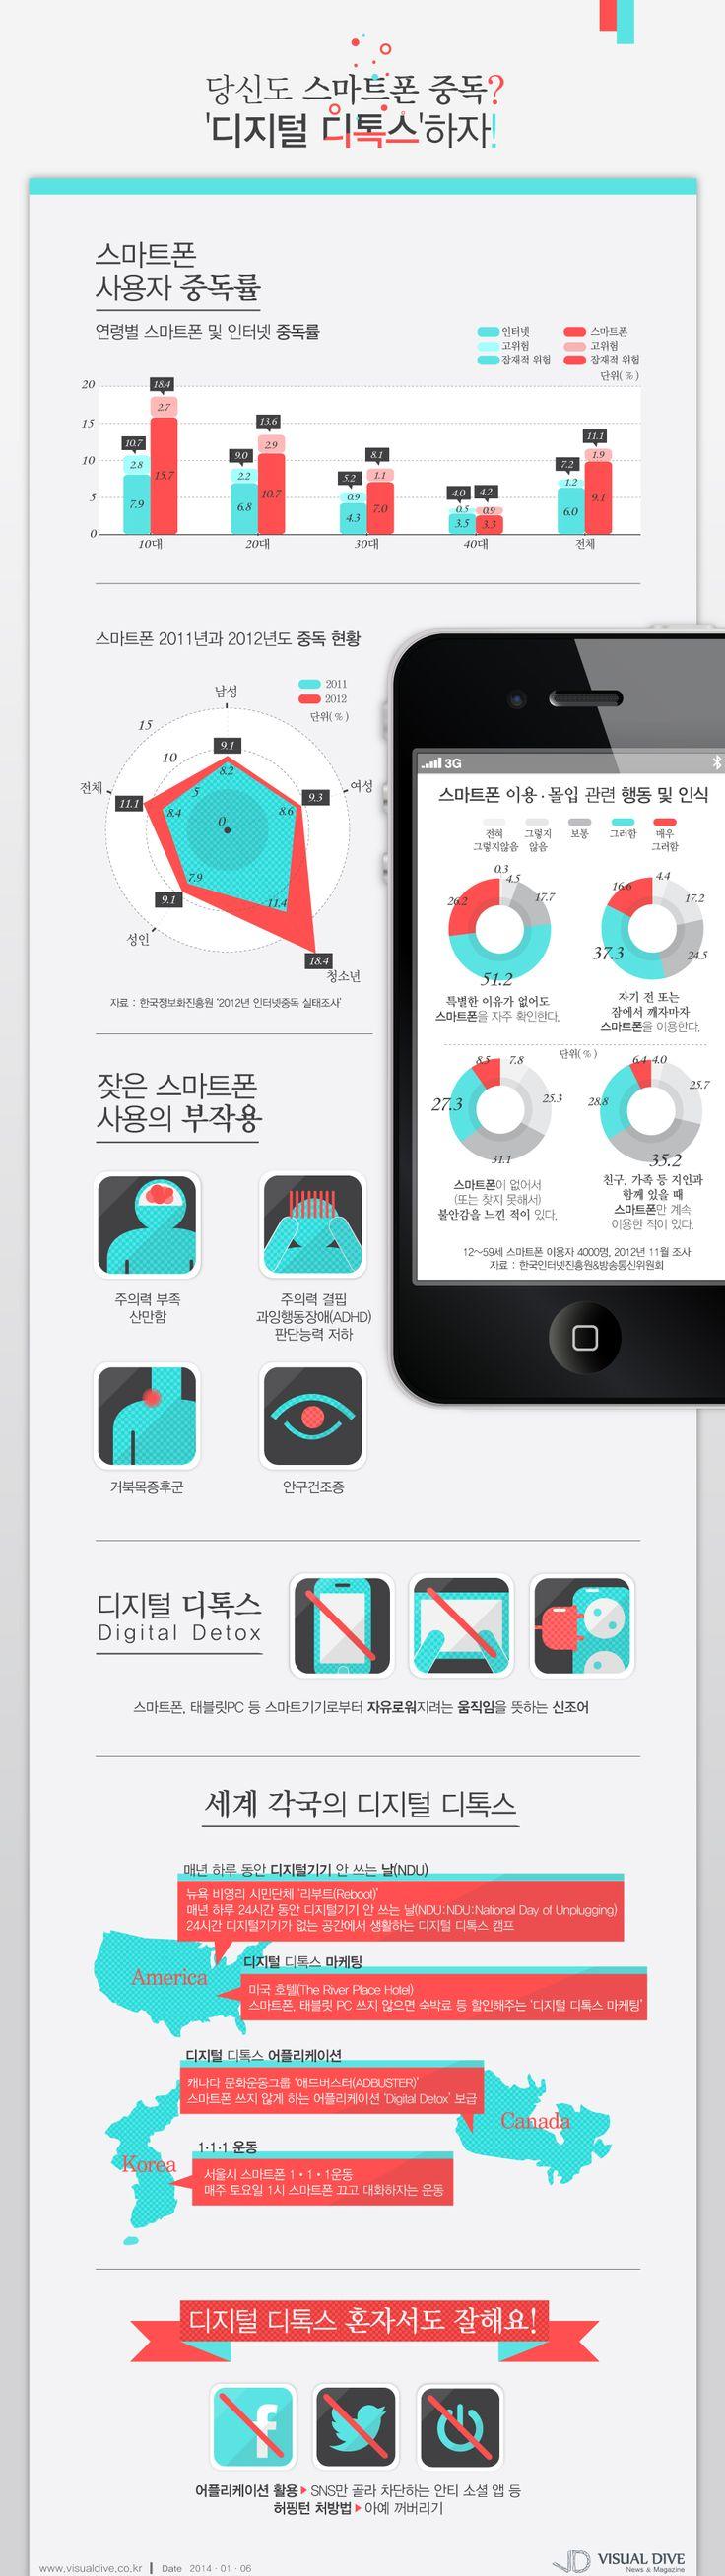 [인포그래픽] 새해 목표 '디지털 디톡스(Detox)', 스마트폰에서 해방 #detox / #Infographic ⓒ 비주얼다이브 무단 복사·전재·재배포 금지